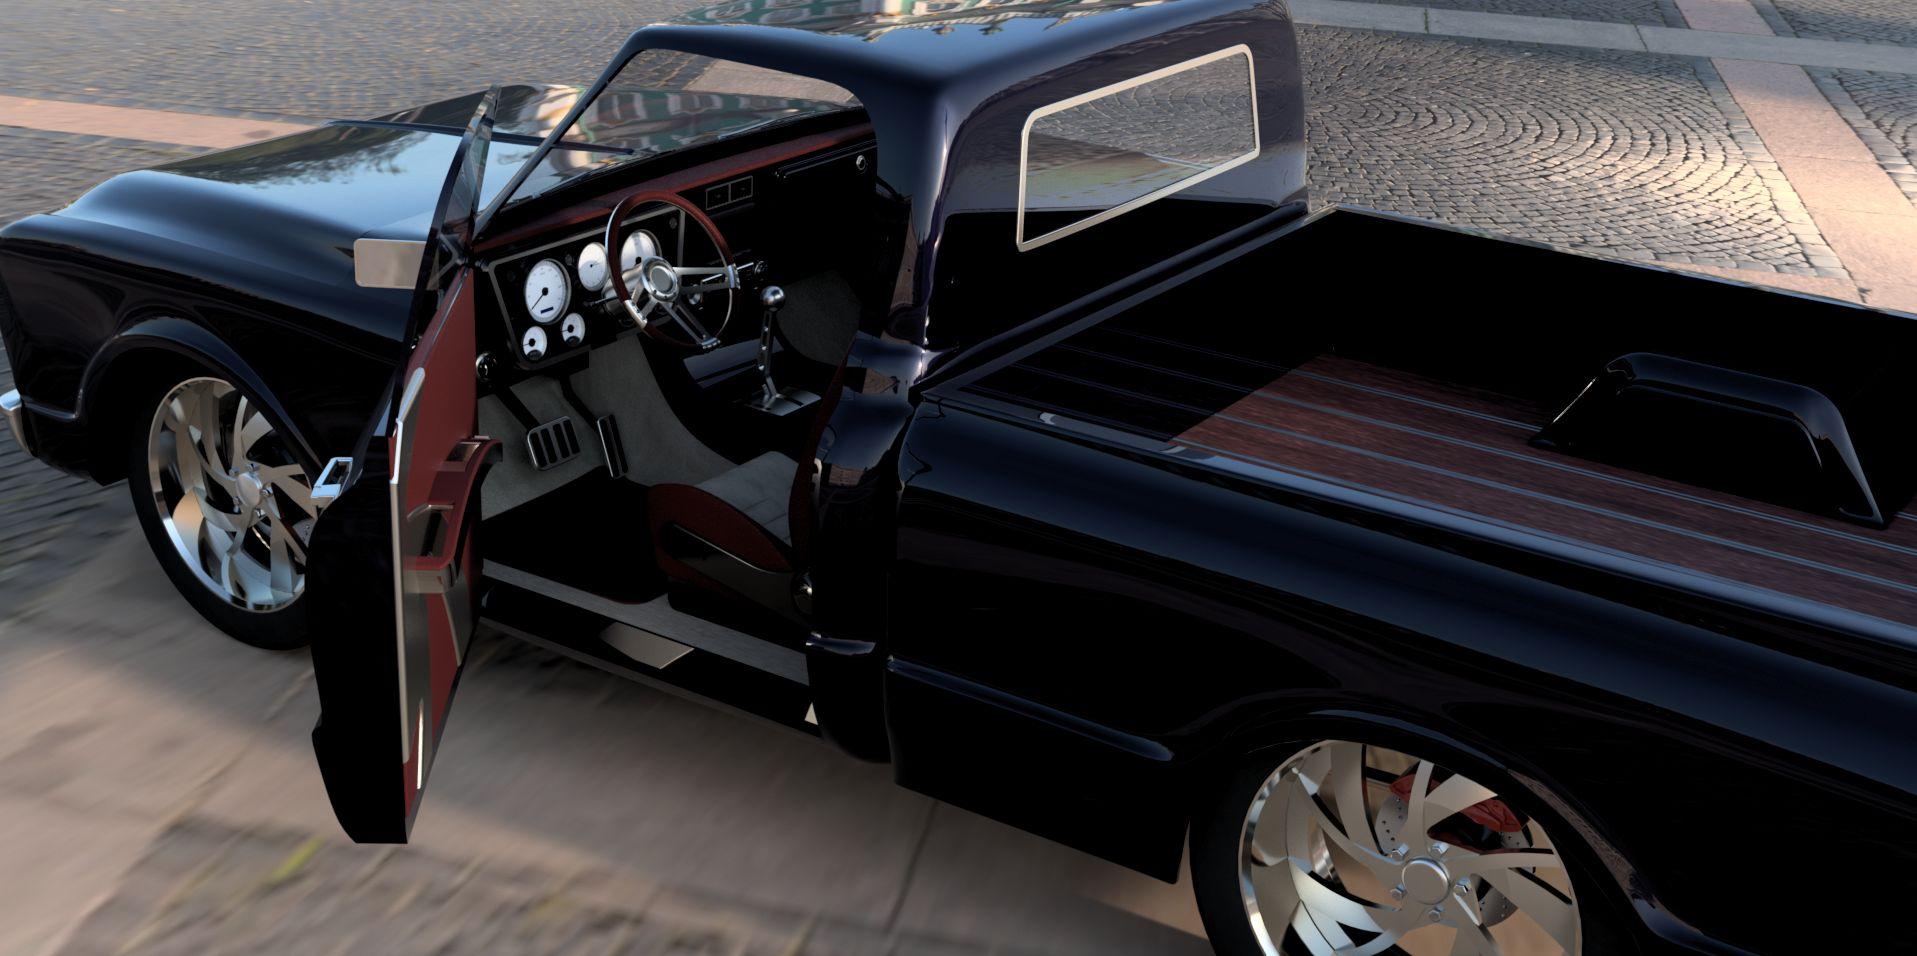 Truck-body4-v344-3500-3500